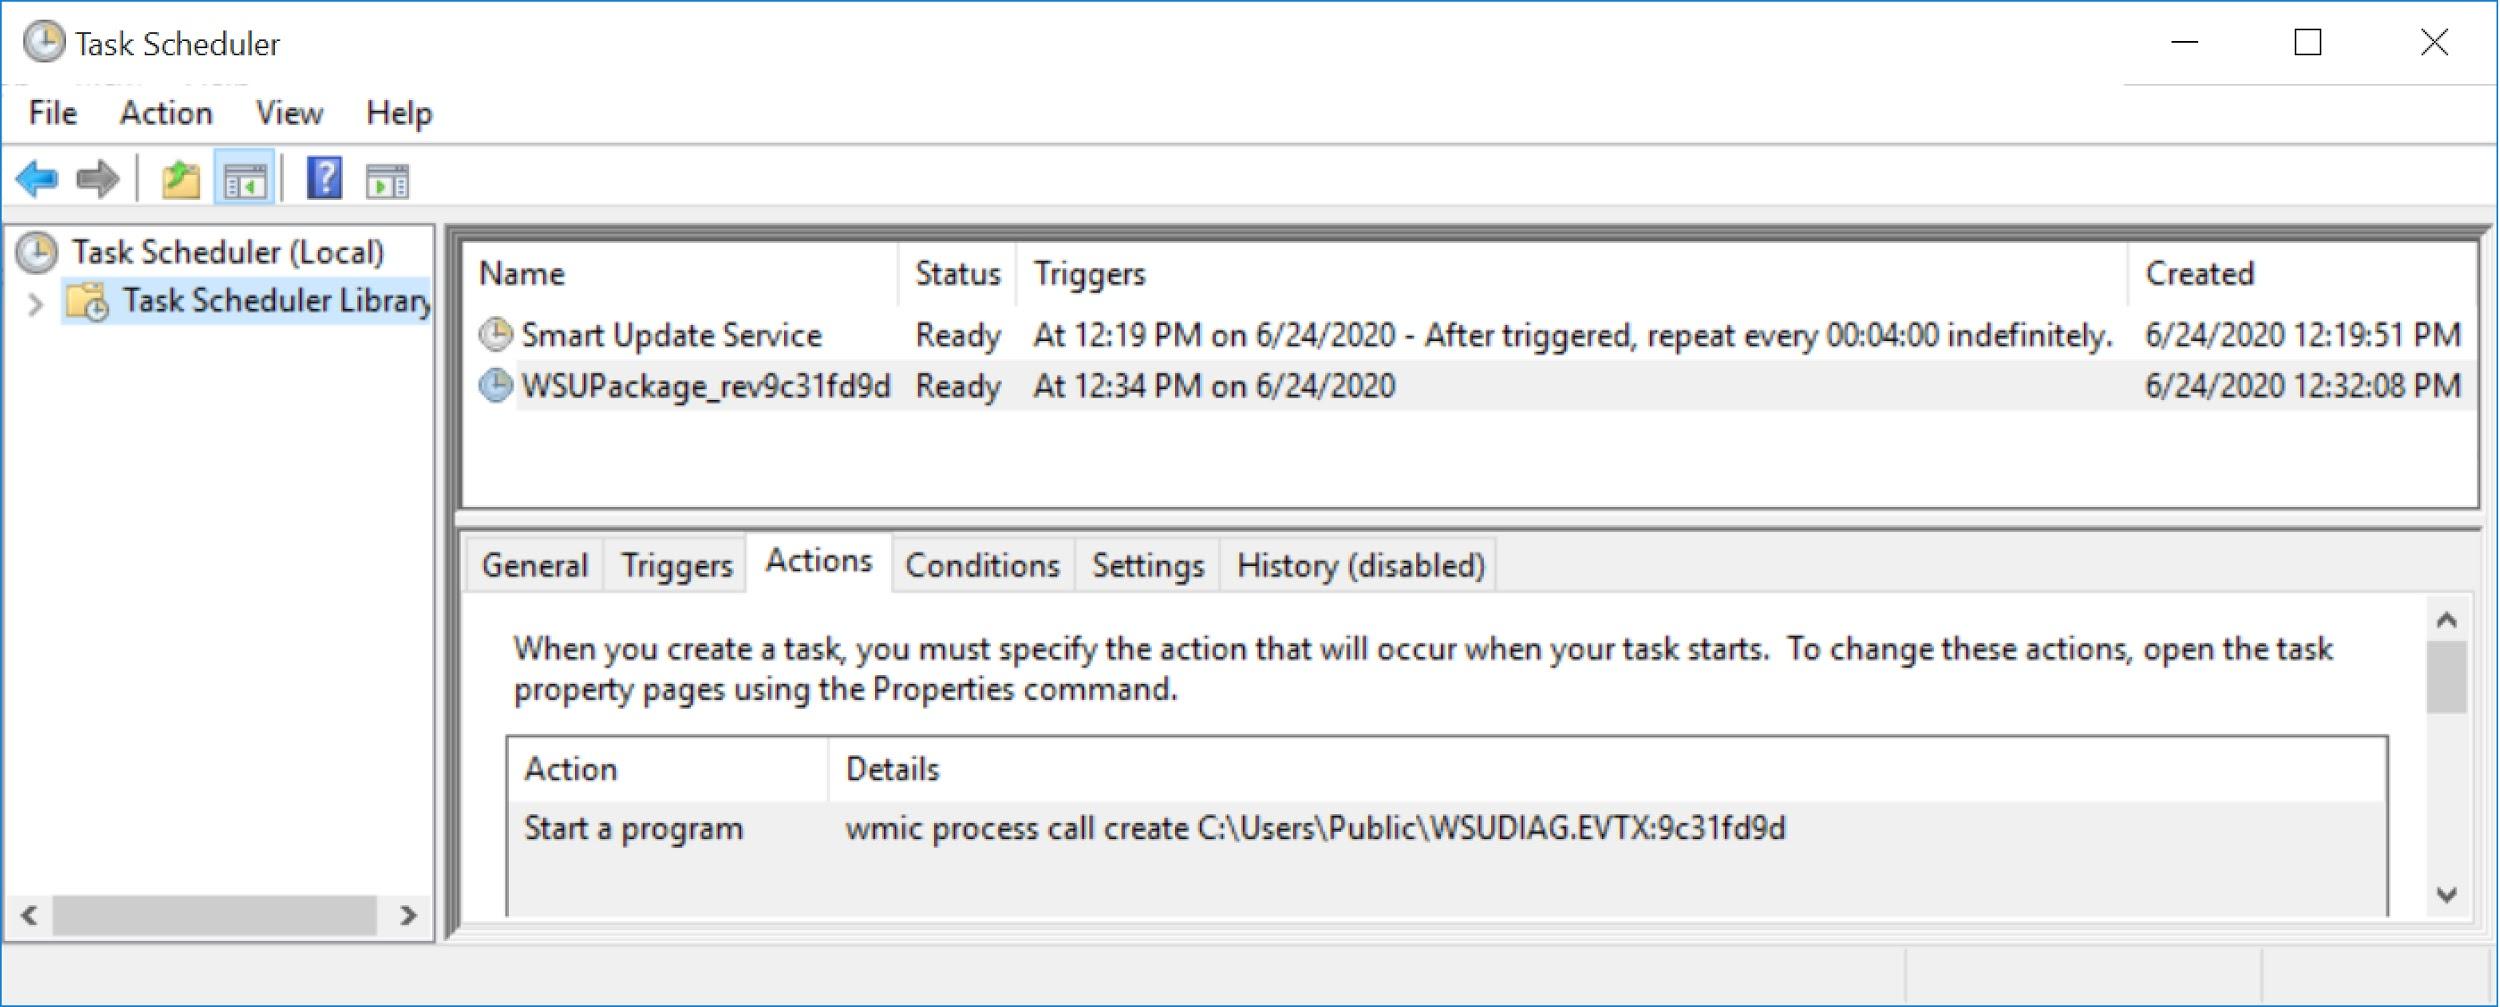 スクリーンショットには、Smart Update Serviceに加え、フォローアップマルウェア(WSUPackage...)を実行するための追加のスケジュールされたタスクが示されています。